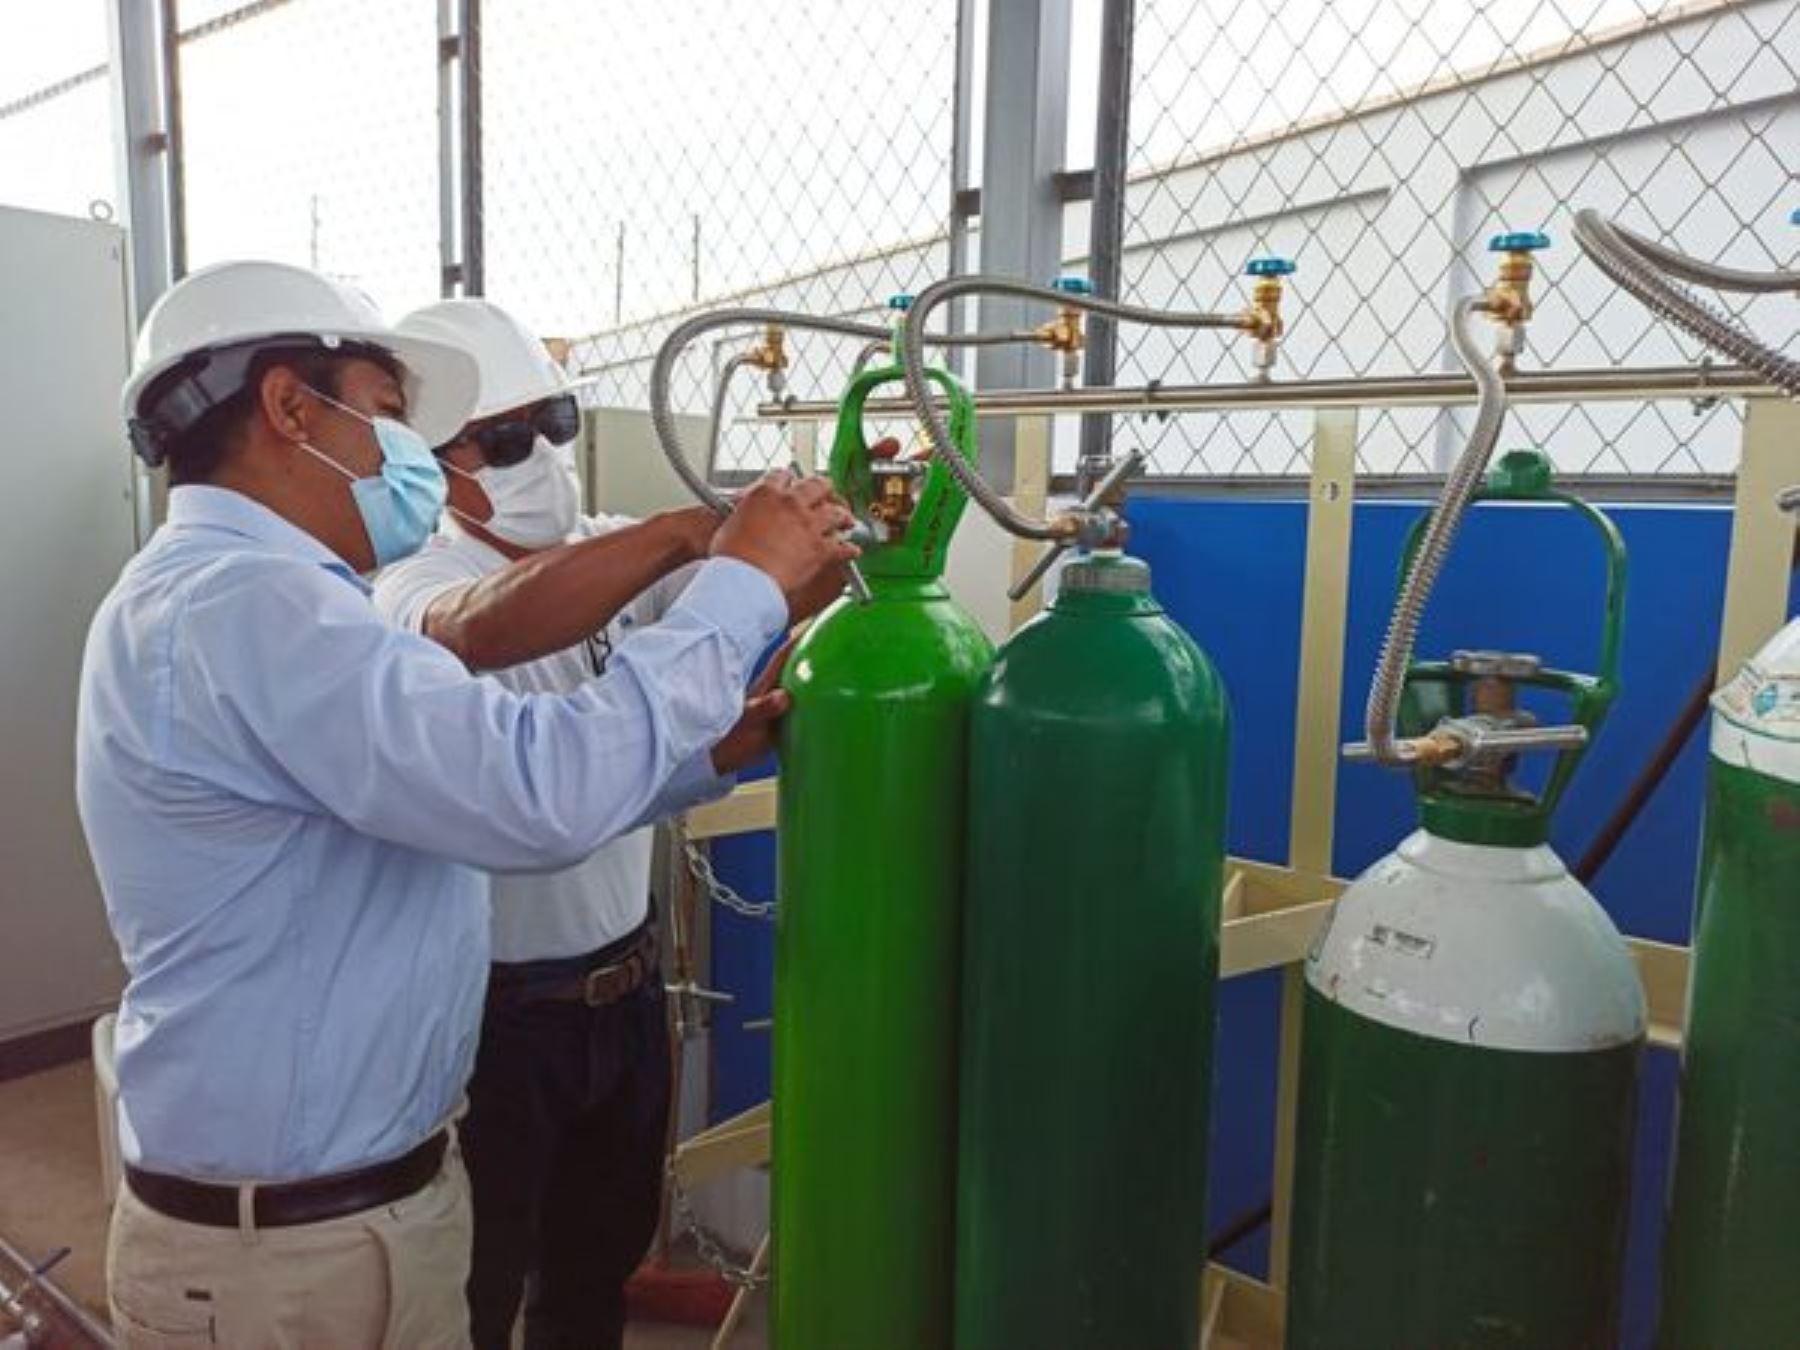 Hospital Regional de Chimbote, en Áncash, pone en funcionamiento nueva planta de oxígeno medicinal que servirá para atender la alta demanda de este vital insumo para pacientes covid-19. Foto: ANDINA/difusión.